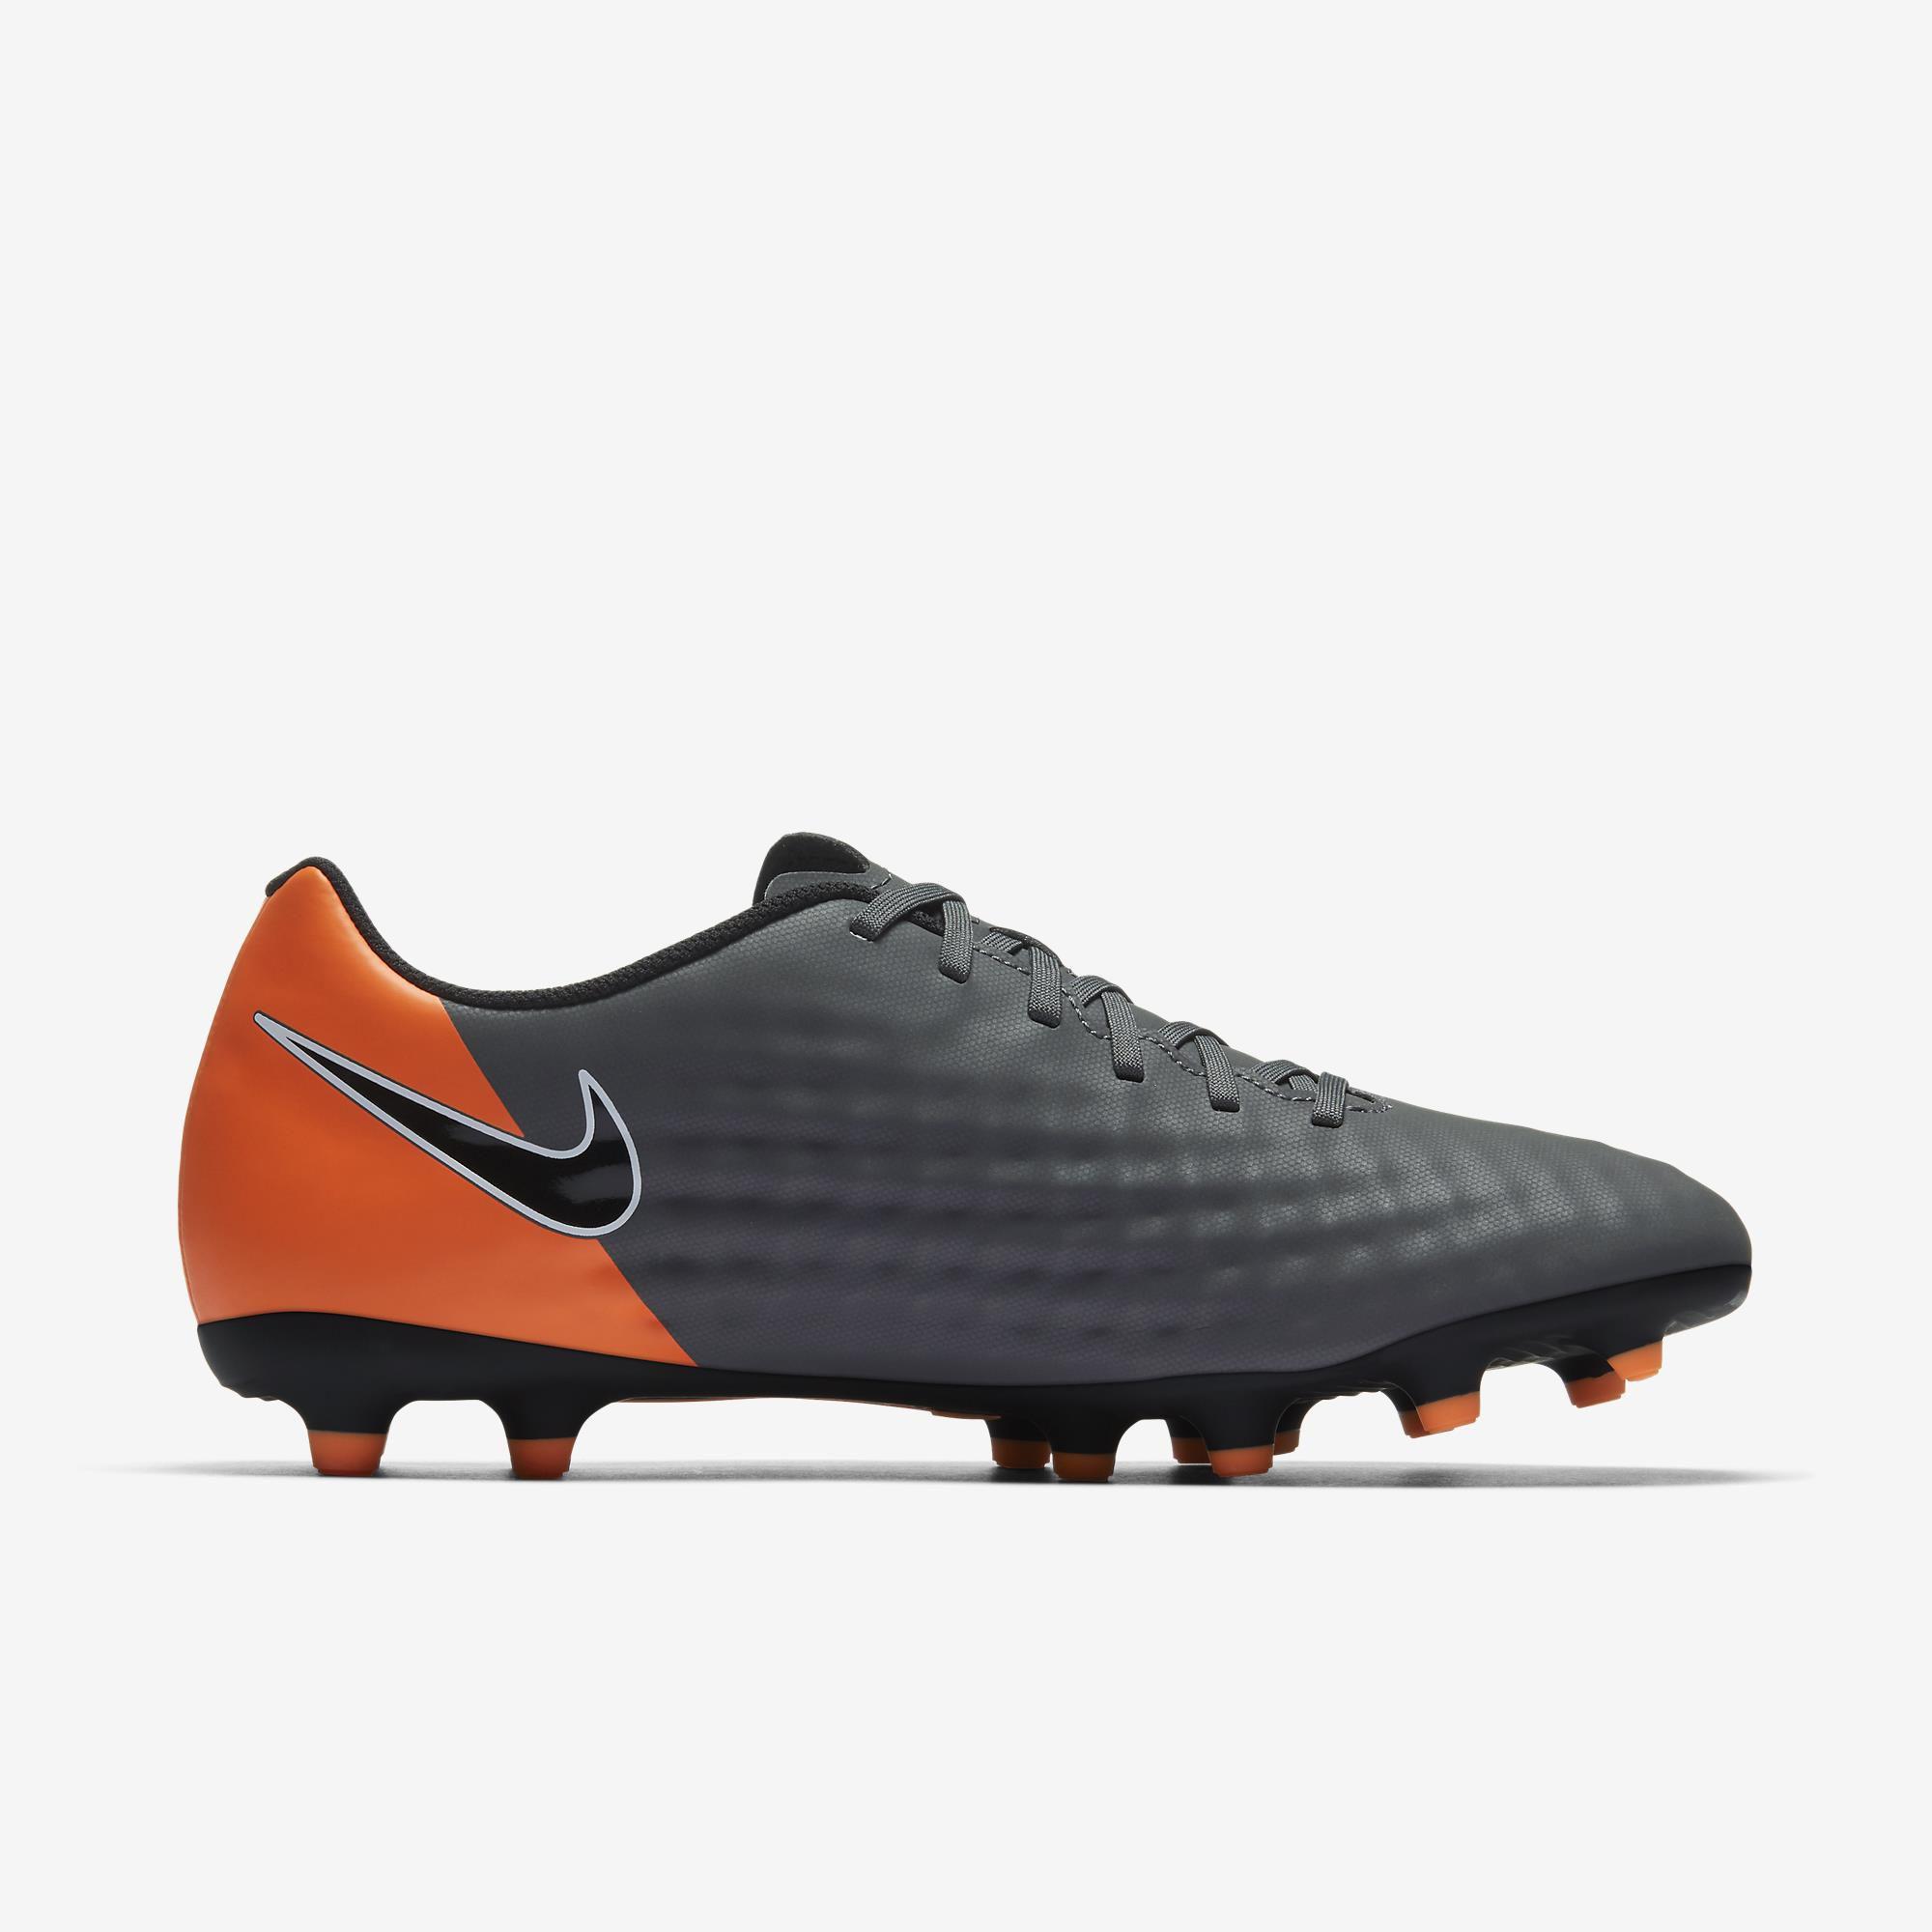 Chuteira de Trava Nike Magista Obra 2 Club Fg Campo - BRACIA SHOP ... 3d6e6c9e6e451